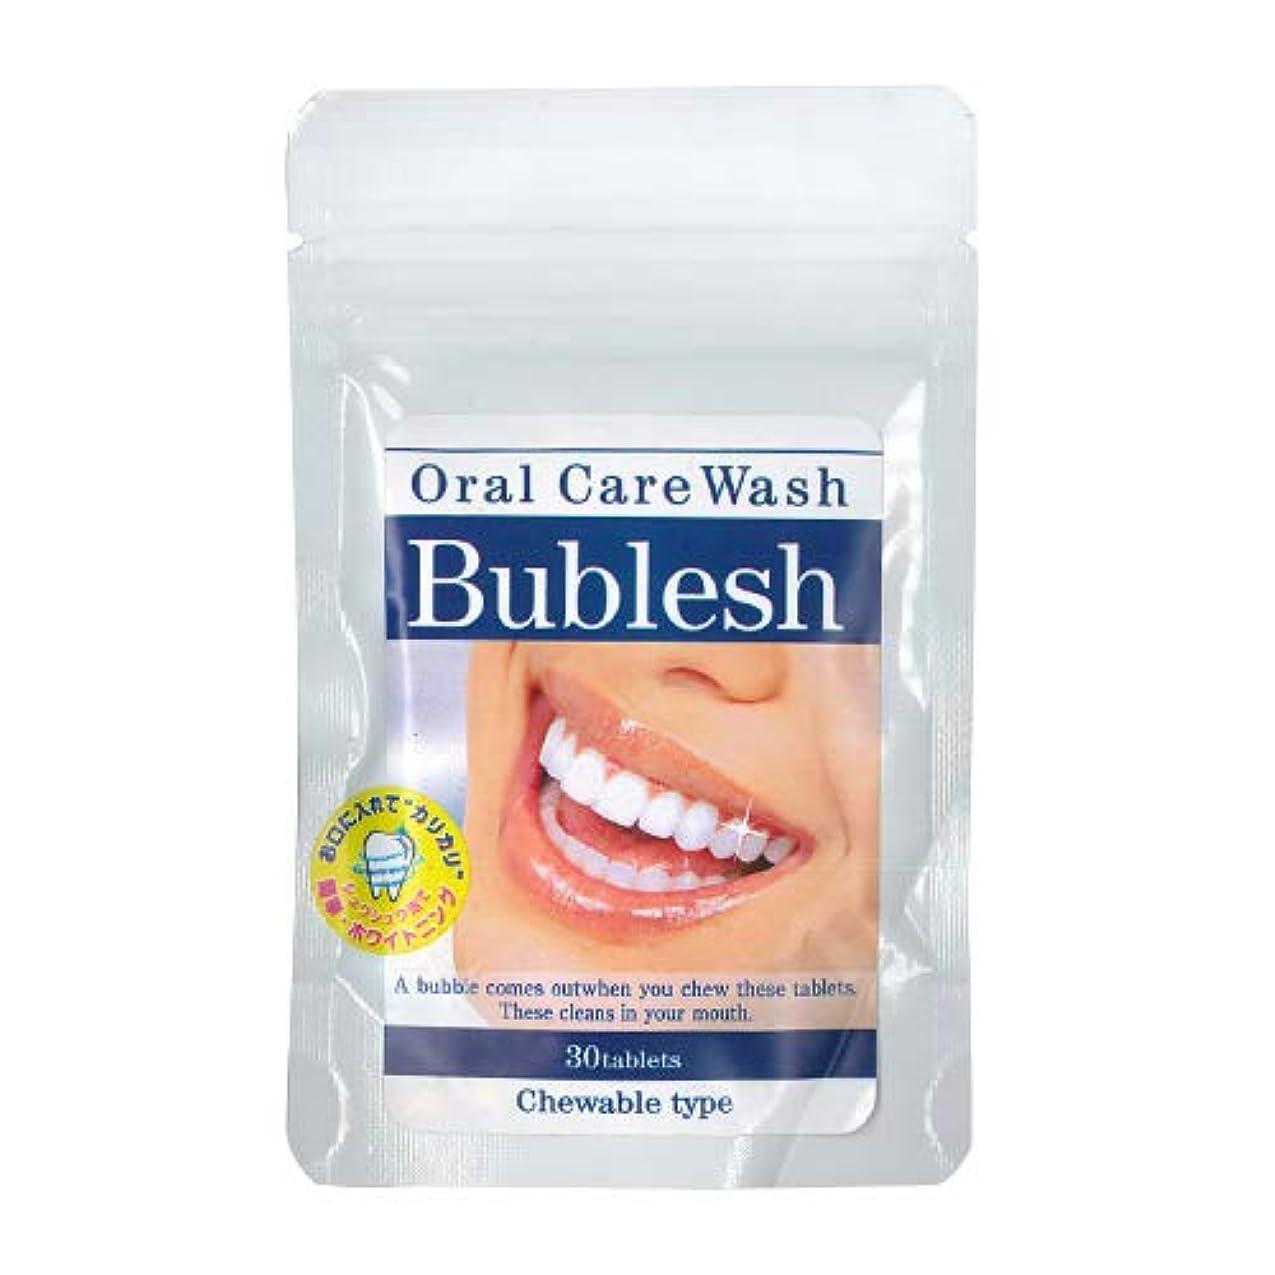 さまようシーサイド熱狂的なオーラルケアウォッシュ バブレッシュ (Oral Care Wash Bublesh) 30粒 × 3個セット